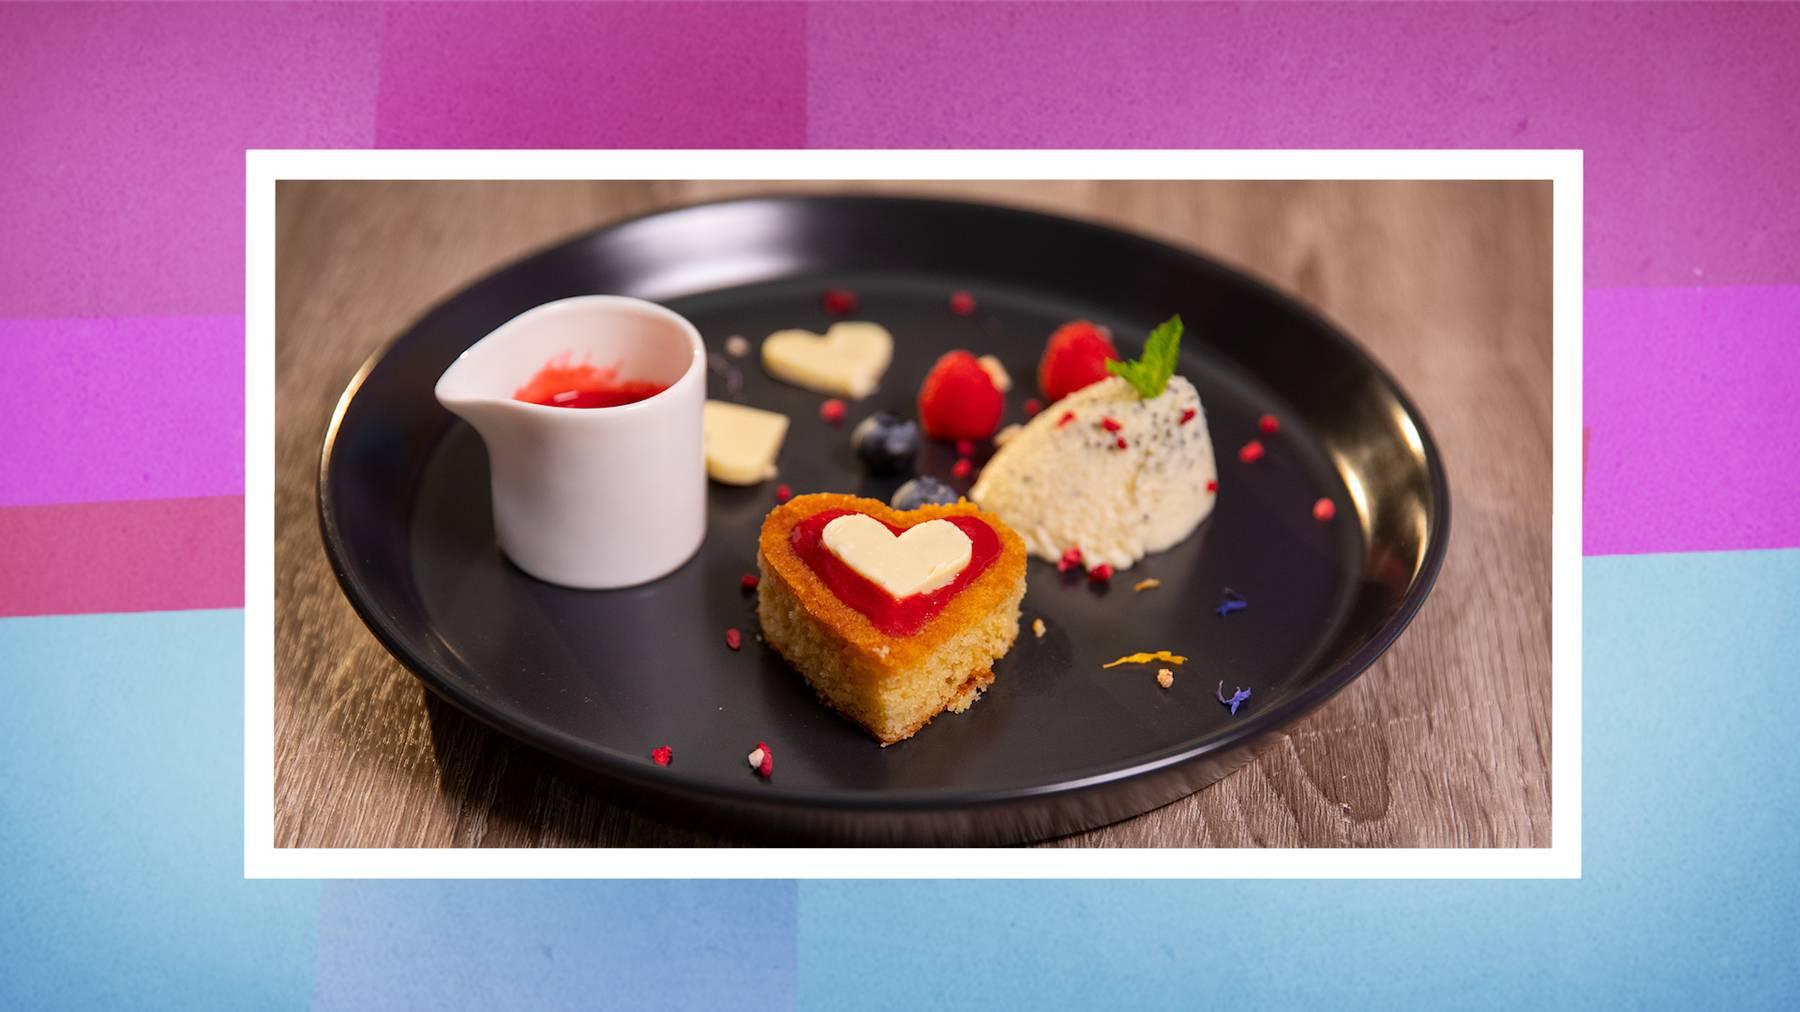 Marzipan-Mohn-Mousse mit Himbeersauce Weisse Toblerone-Herzli